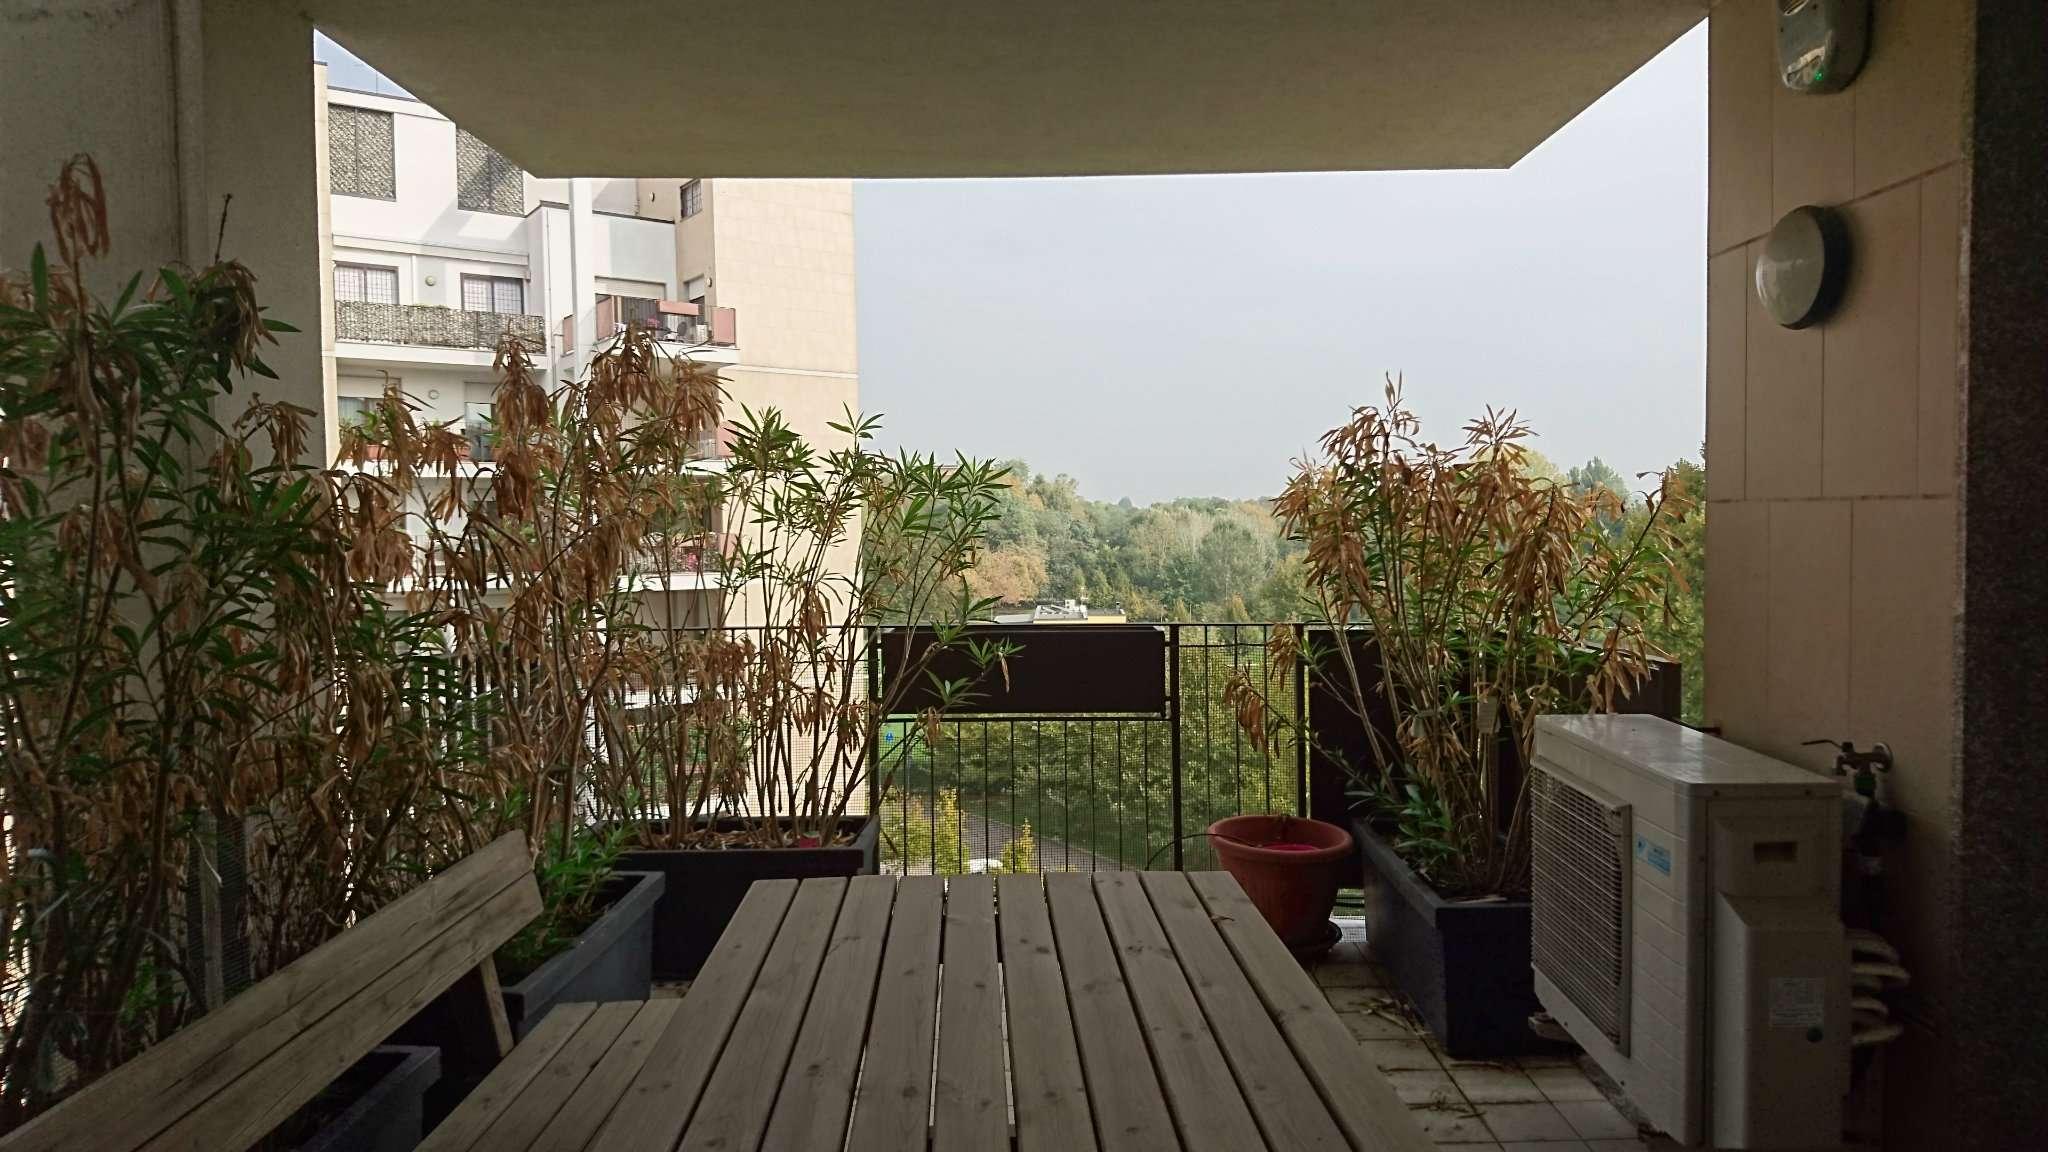 Appartamento in vendita a San Donato Milanese, 3 locali, prezzo € 325.000 | CambioCasa.it